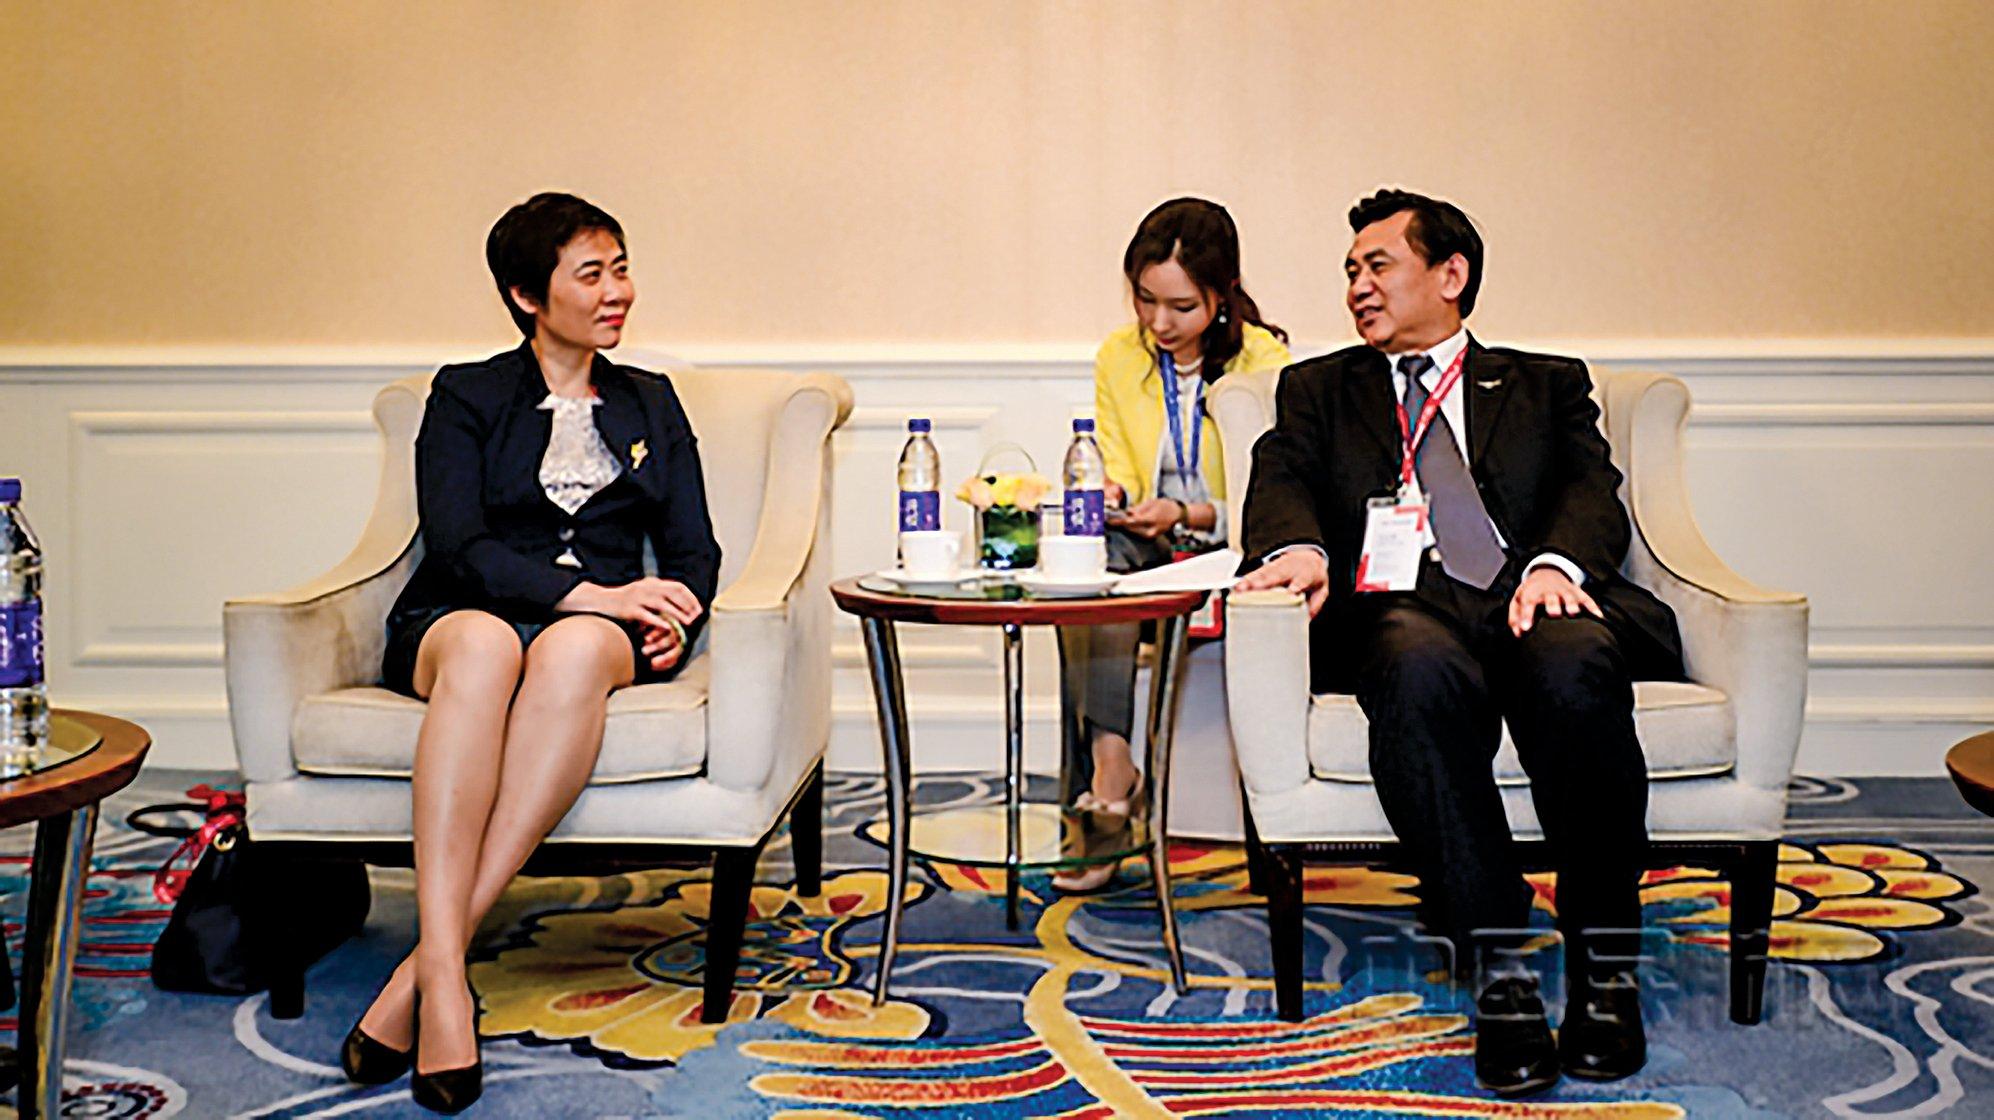 2017年5月,中共民用航空局黨委書記馮正霖(右)會見了赴京參加2017中國民航發展論壇的國際民航組織(ICAO)祕書長柳芳(左)。(網絡截圖)